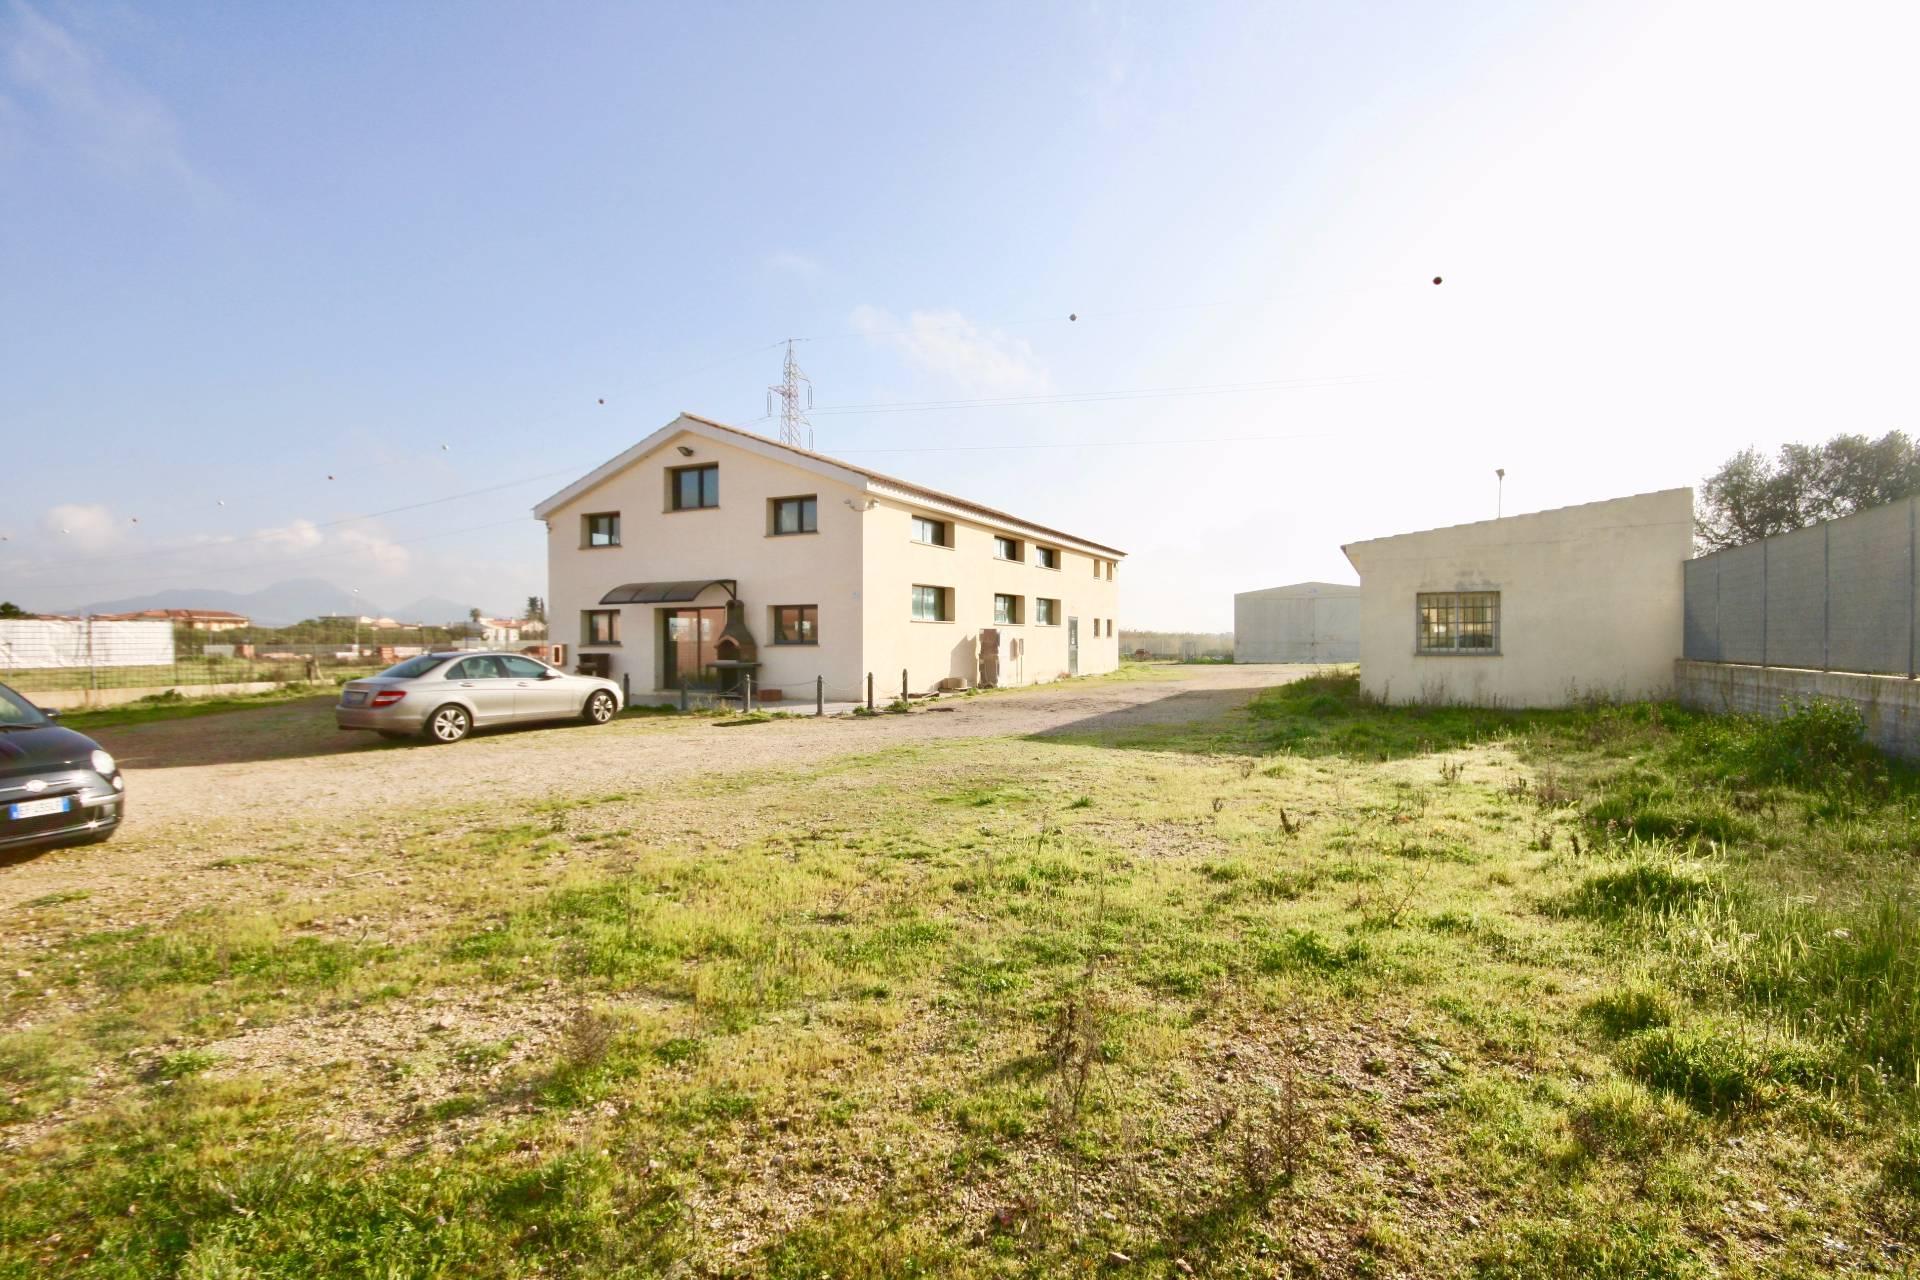 Capannone in vendita a Olbia - Porto Rotondo, 9999 locali, zona Località: Olbiacittà, prezzo € 480.000 | CambioCasa.it